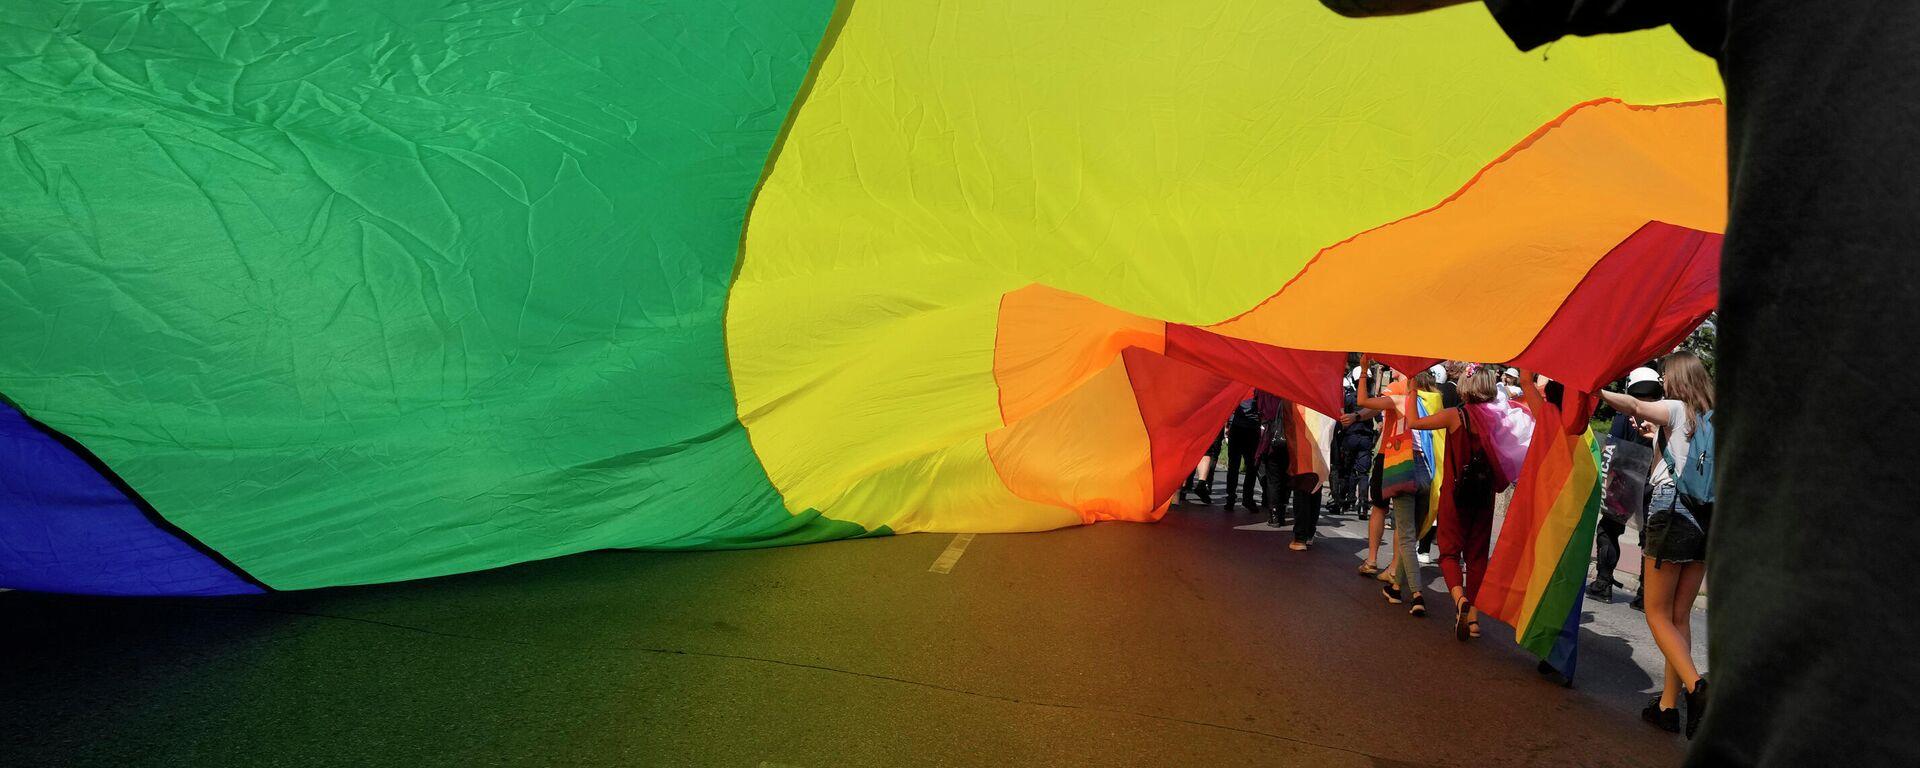 Eine Demonstration von LGBT-Untrerstützern in Czestochowa, Polen - SNA, 1920, 23.09.2021